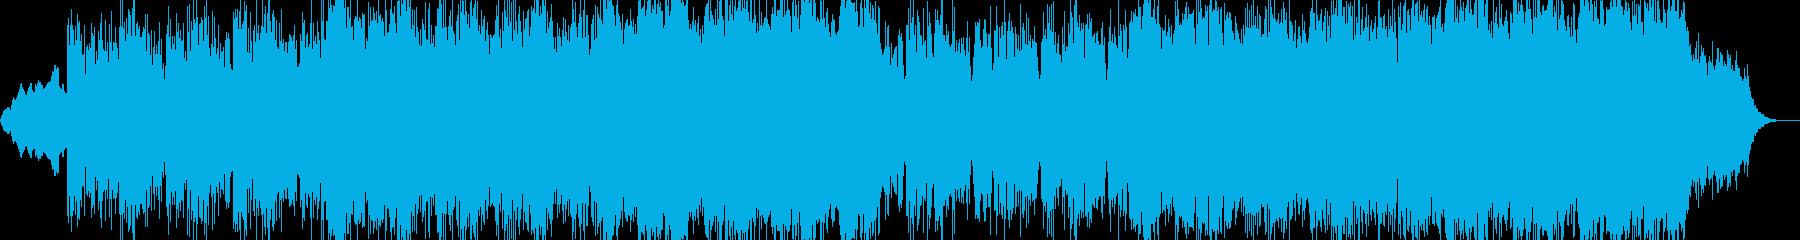 映画音楽、荘厳重厚、映像向け-31の再生済みの波形